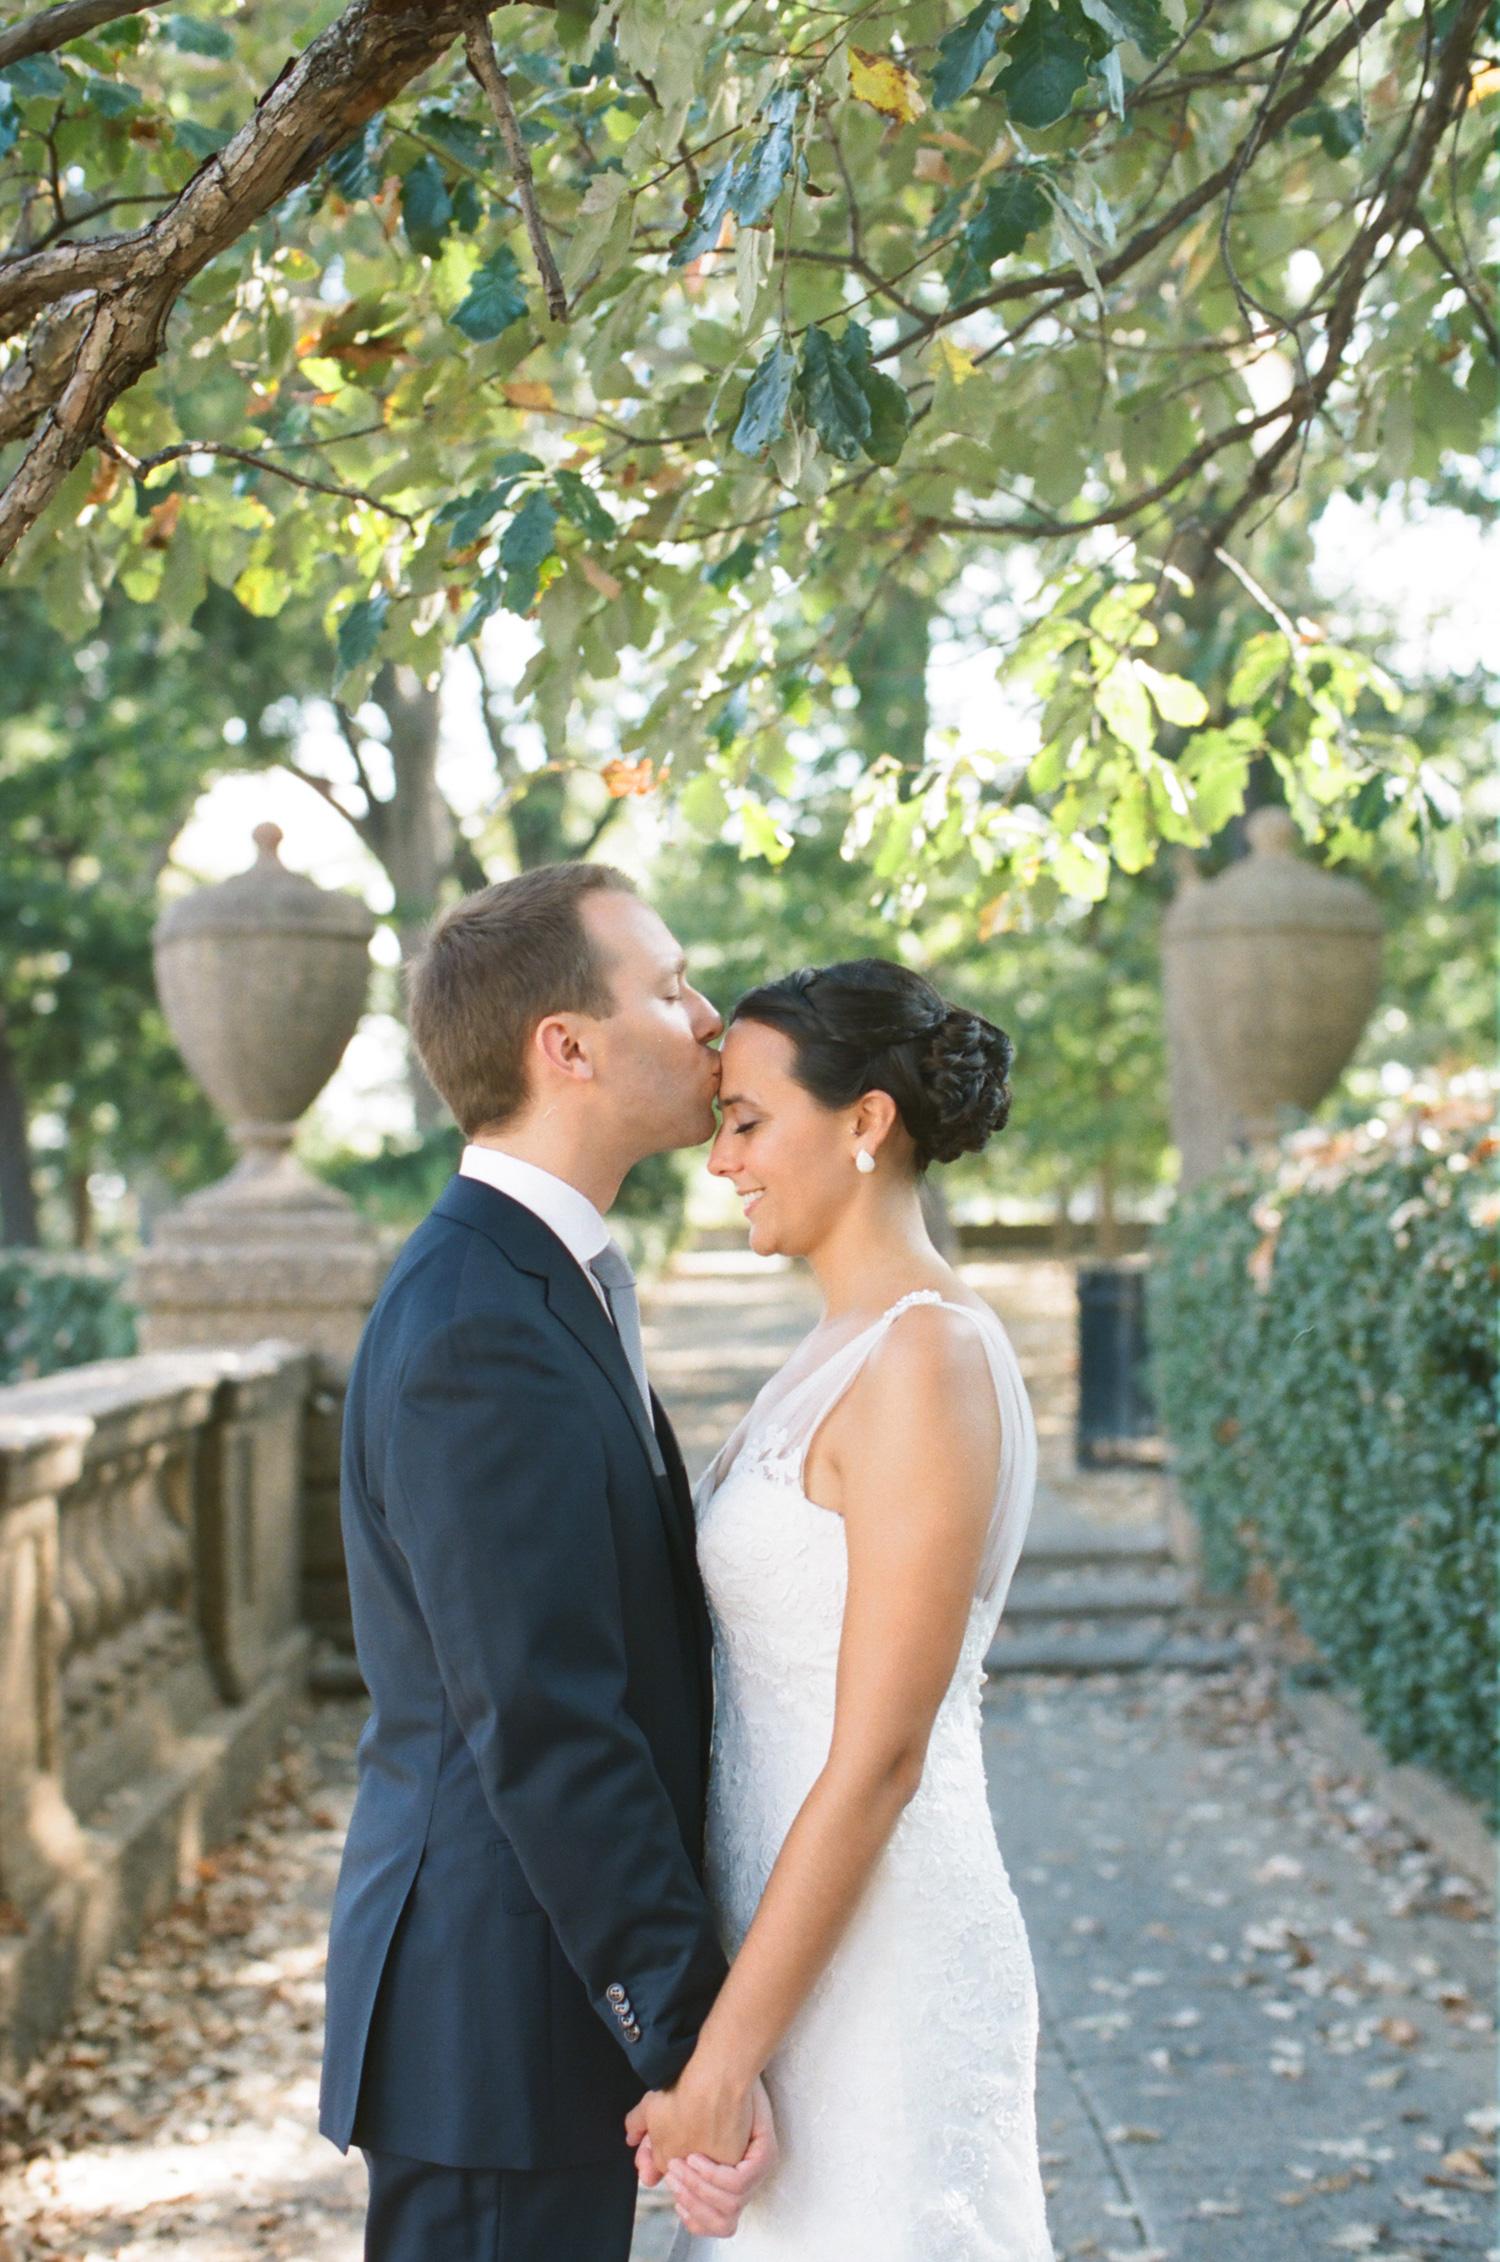 597-meridan-hill-park-wedding.jpg